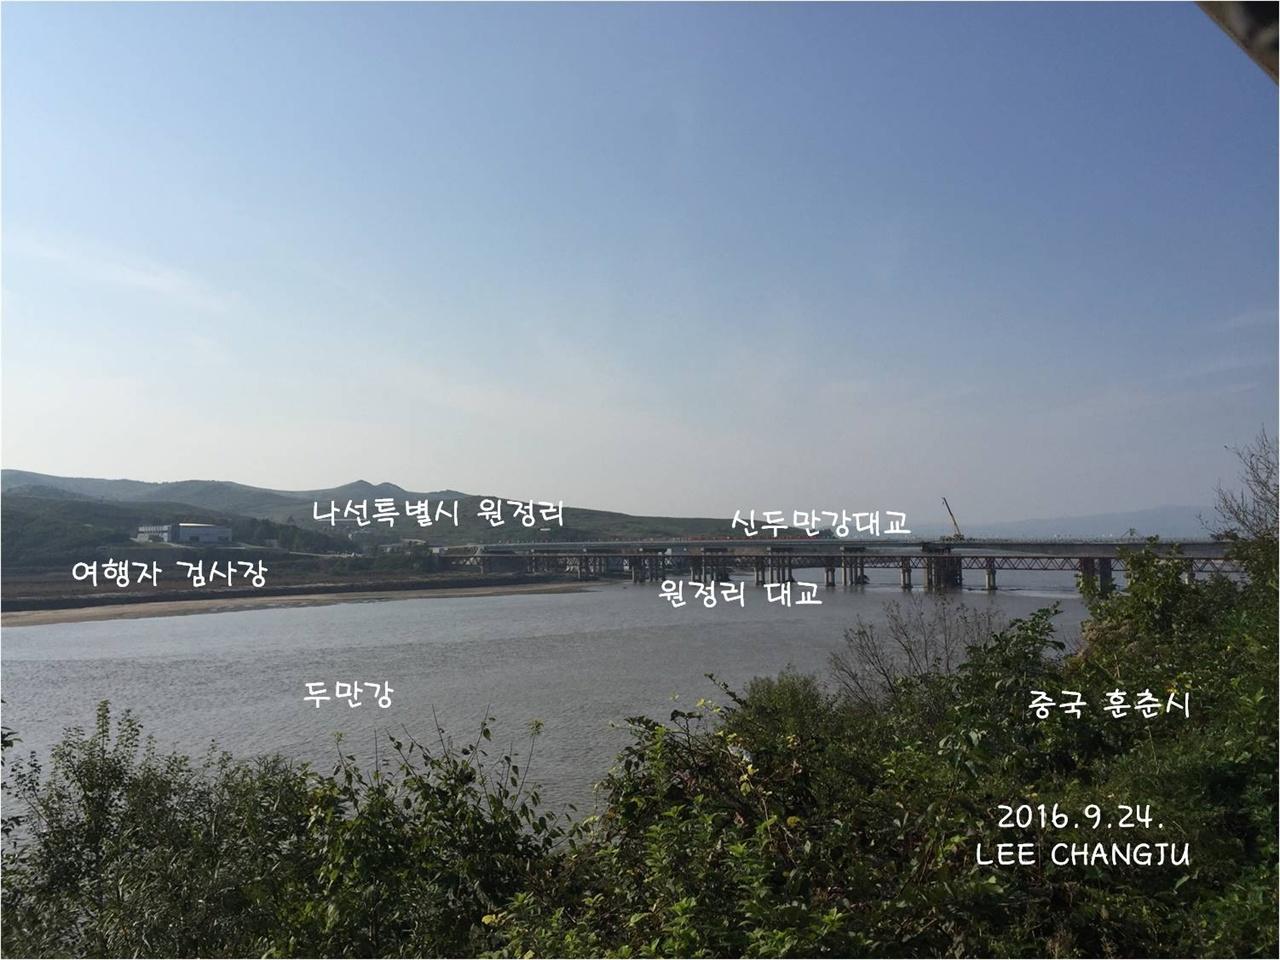 완공된 신두만강대교  2016년 9월 24일 신두만강대교를 현장에서 촬영한 사진이다.